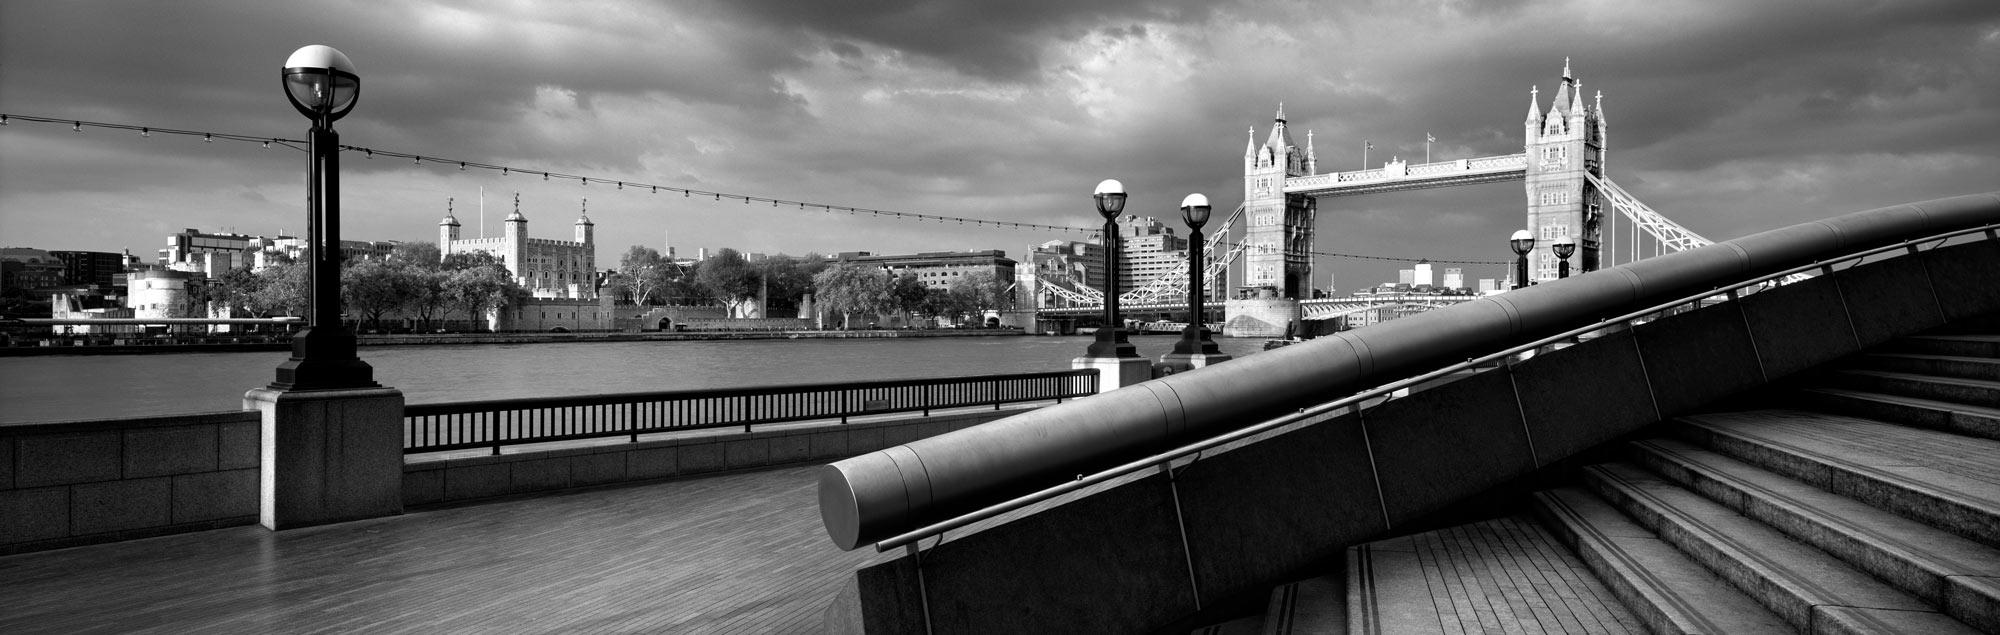 London Bridge panoramic print in b&w